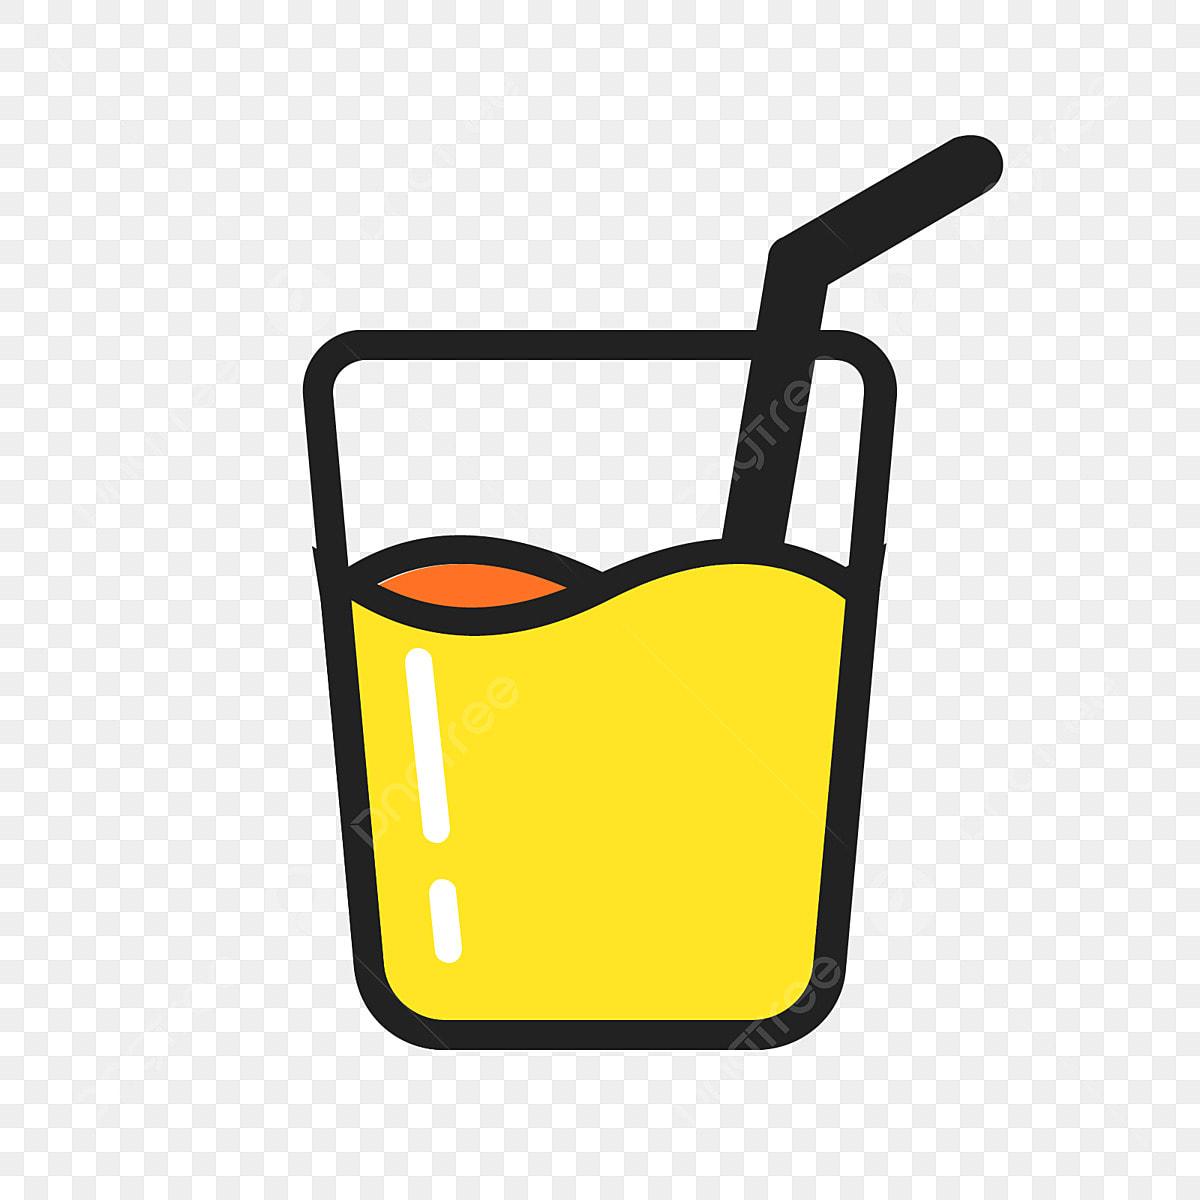 無料ダウンロードのための飲み物 飲み物 飲み物 ジュースpng画像素材